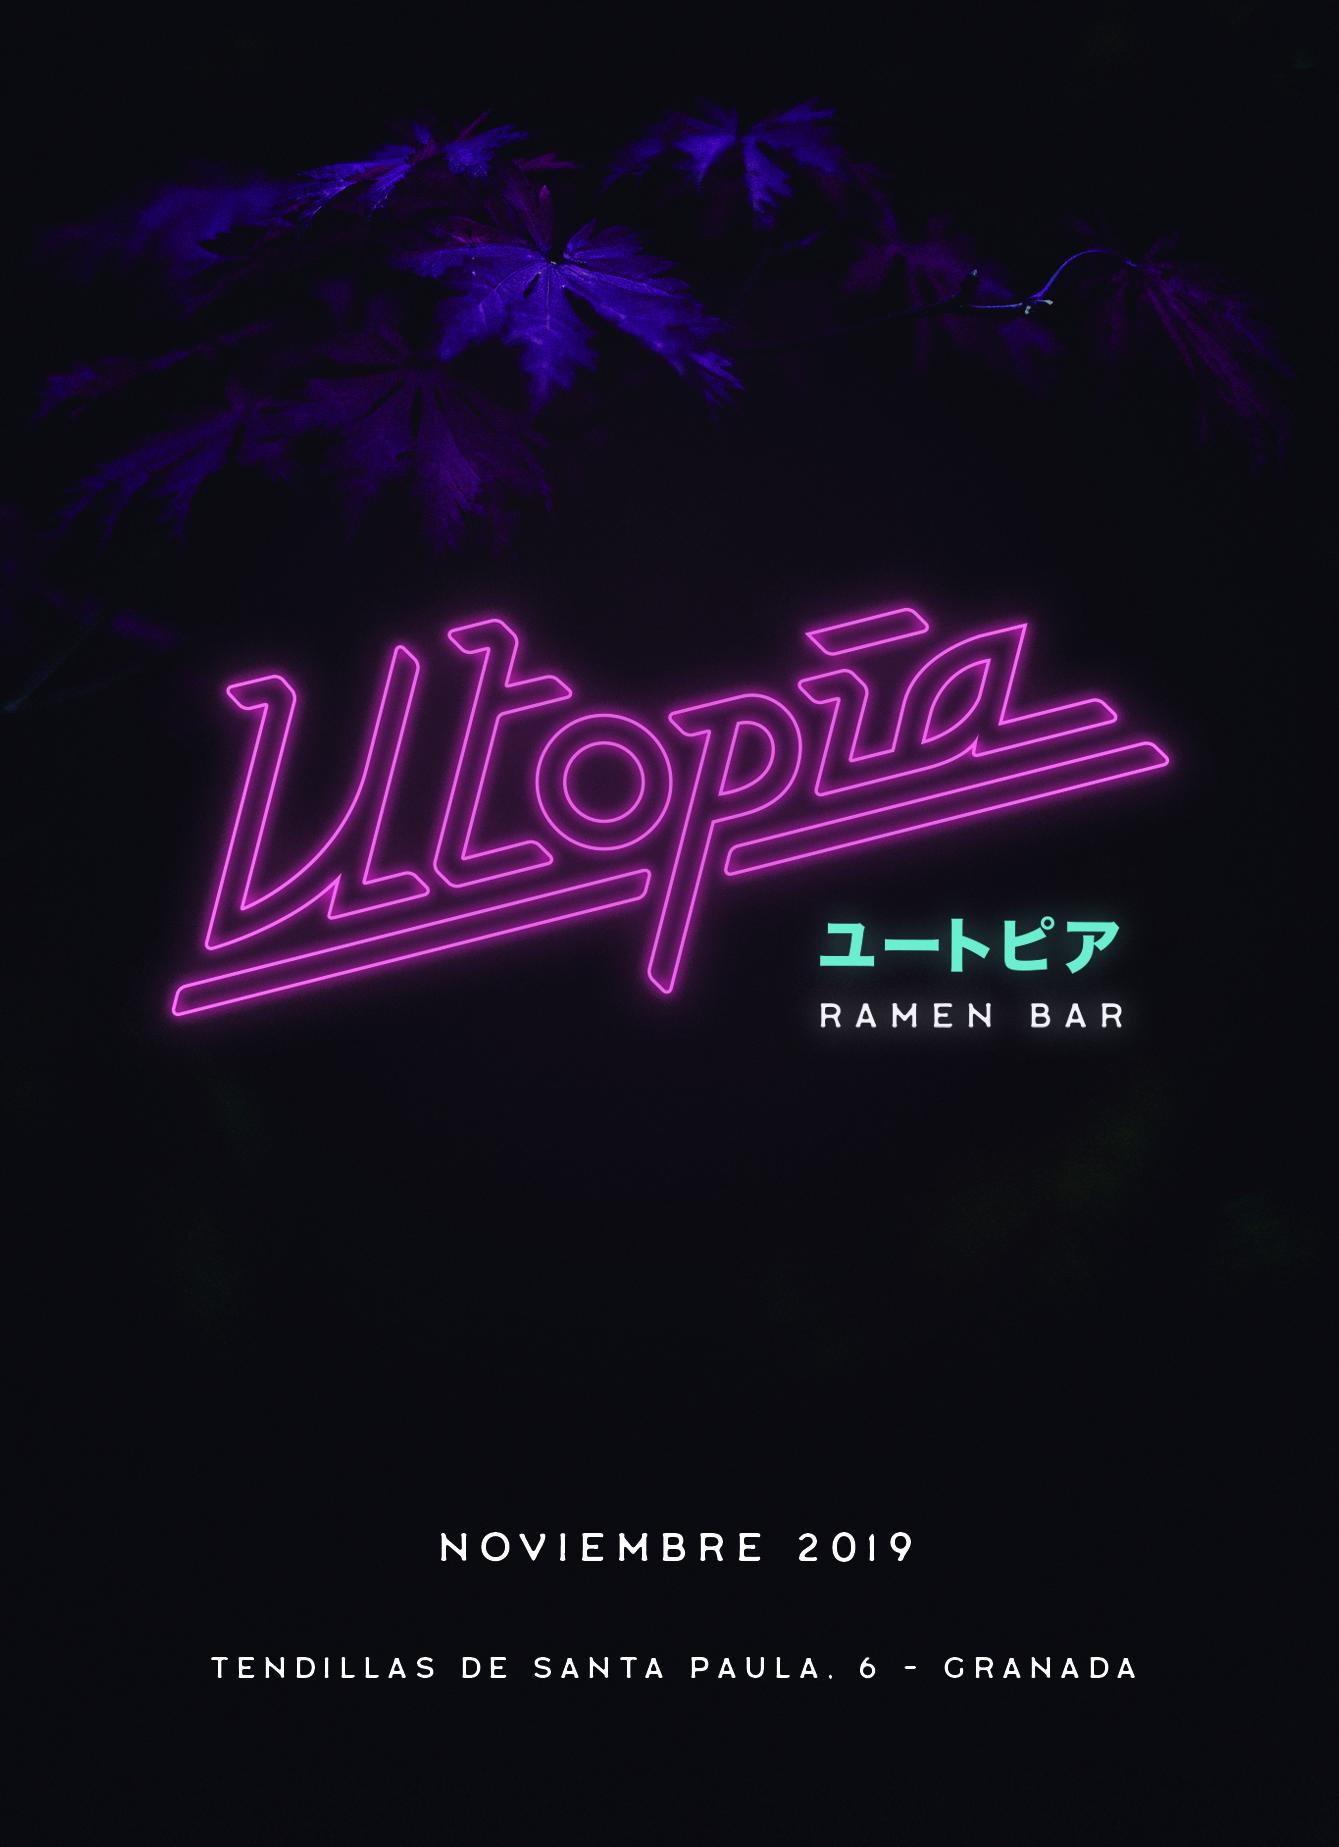 Utopía Ramen Bar